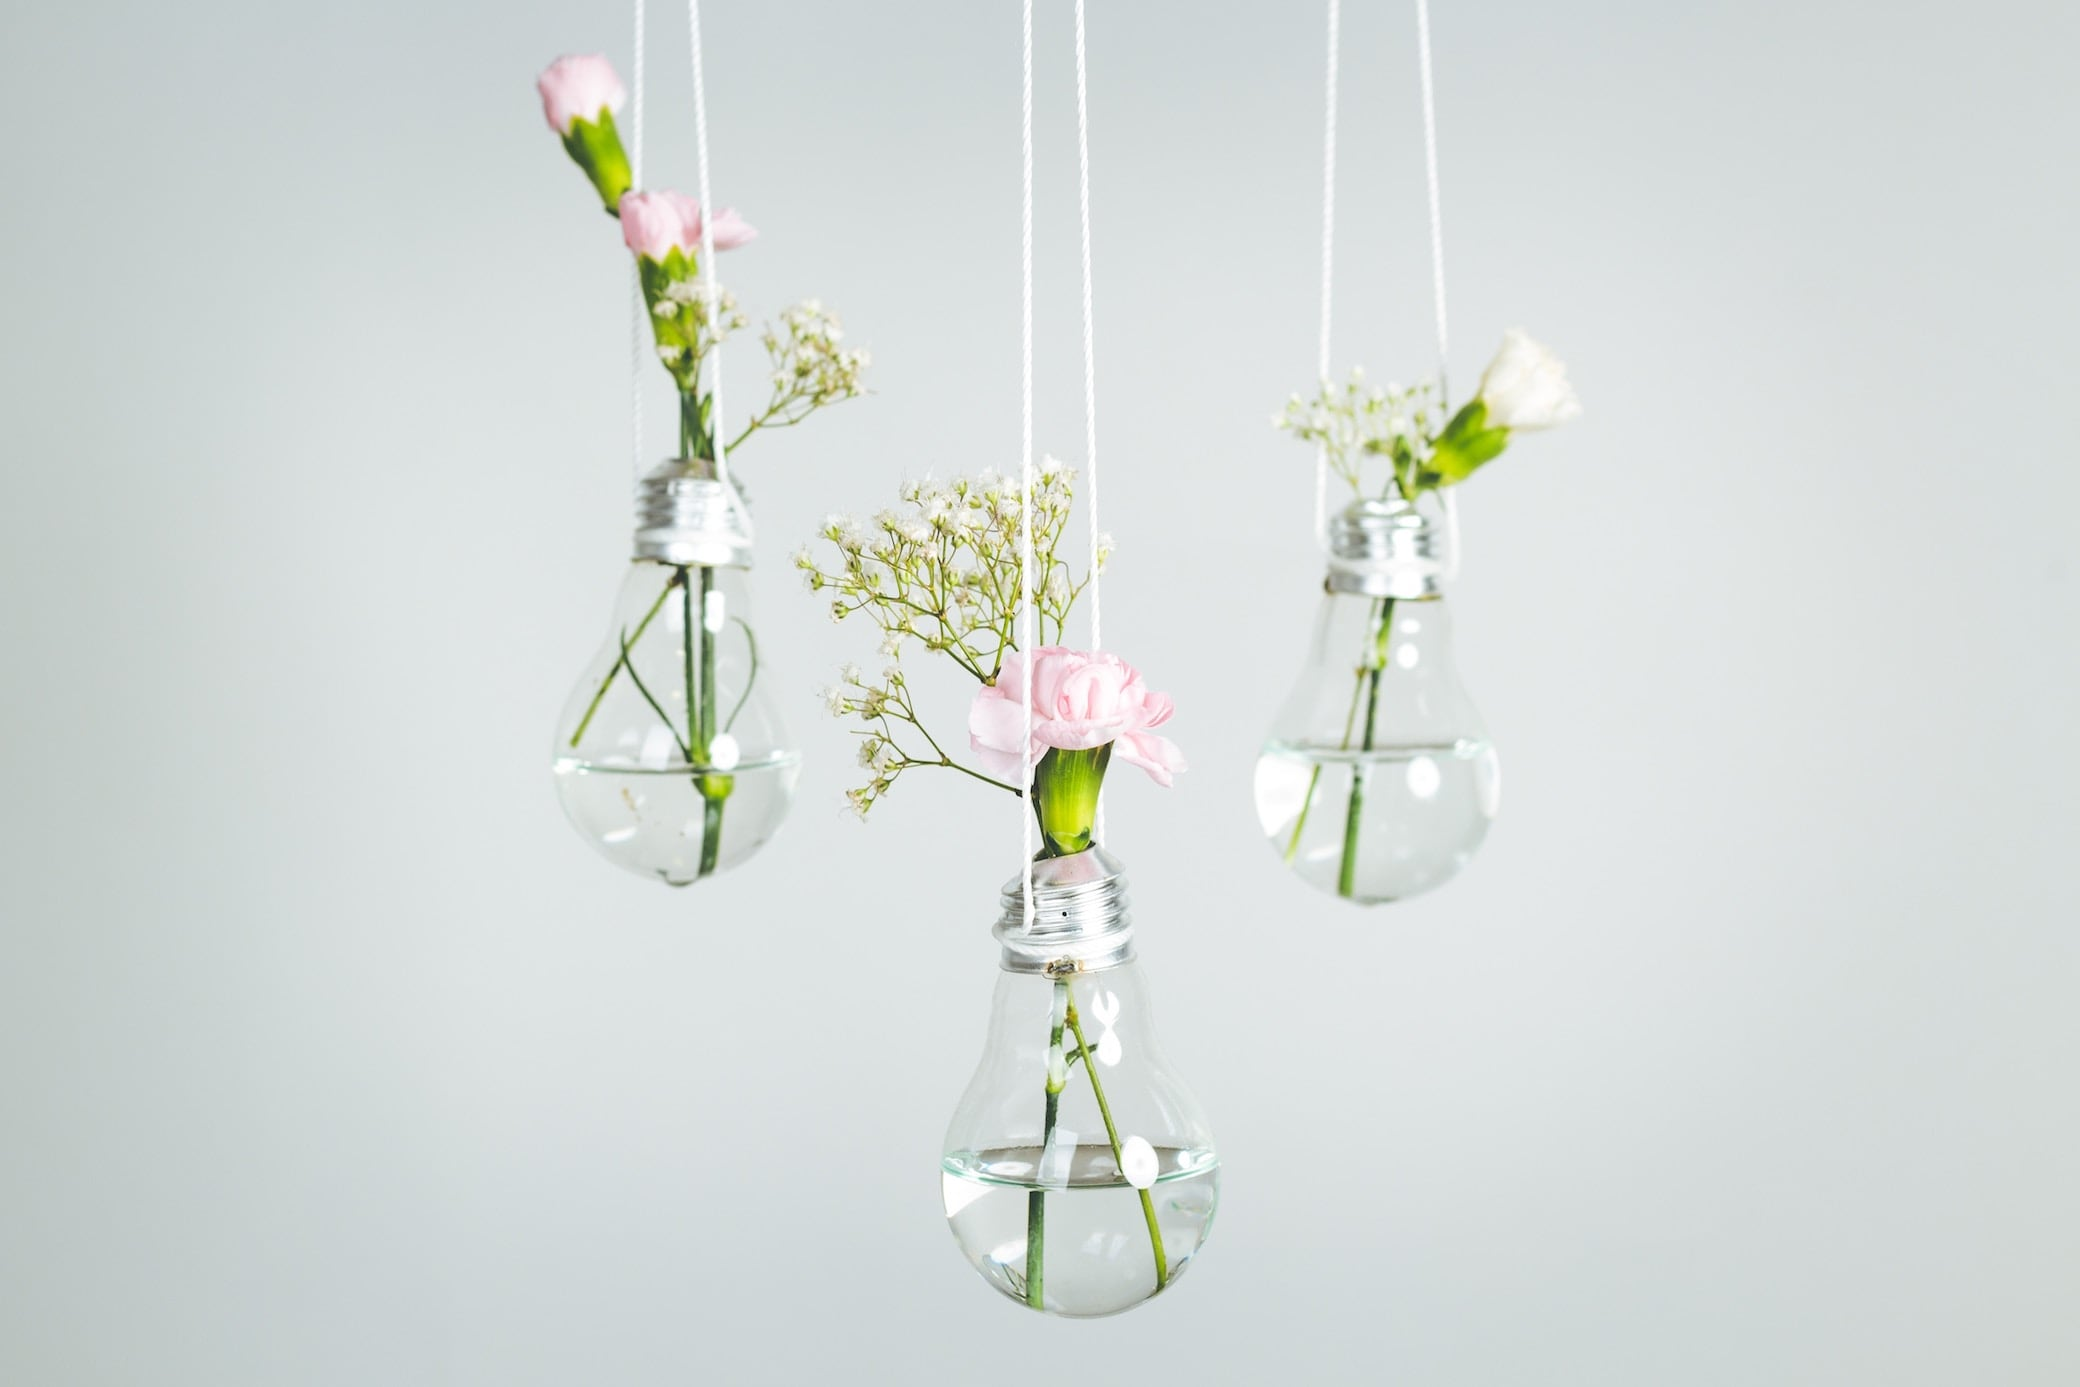 4 DIY-Deko-Ideen aus alten Glühbirnen